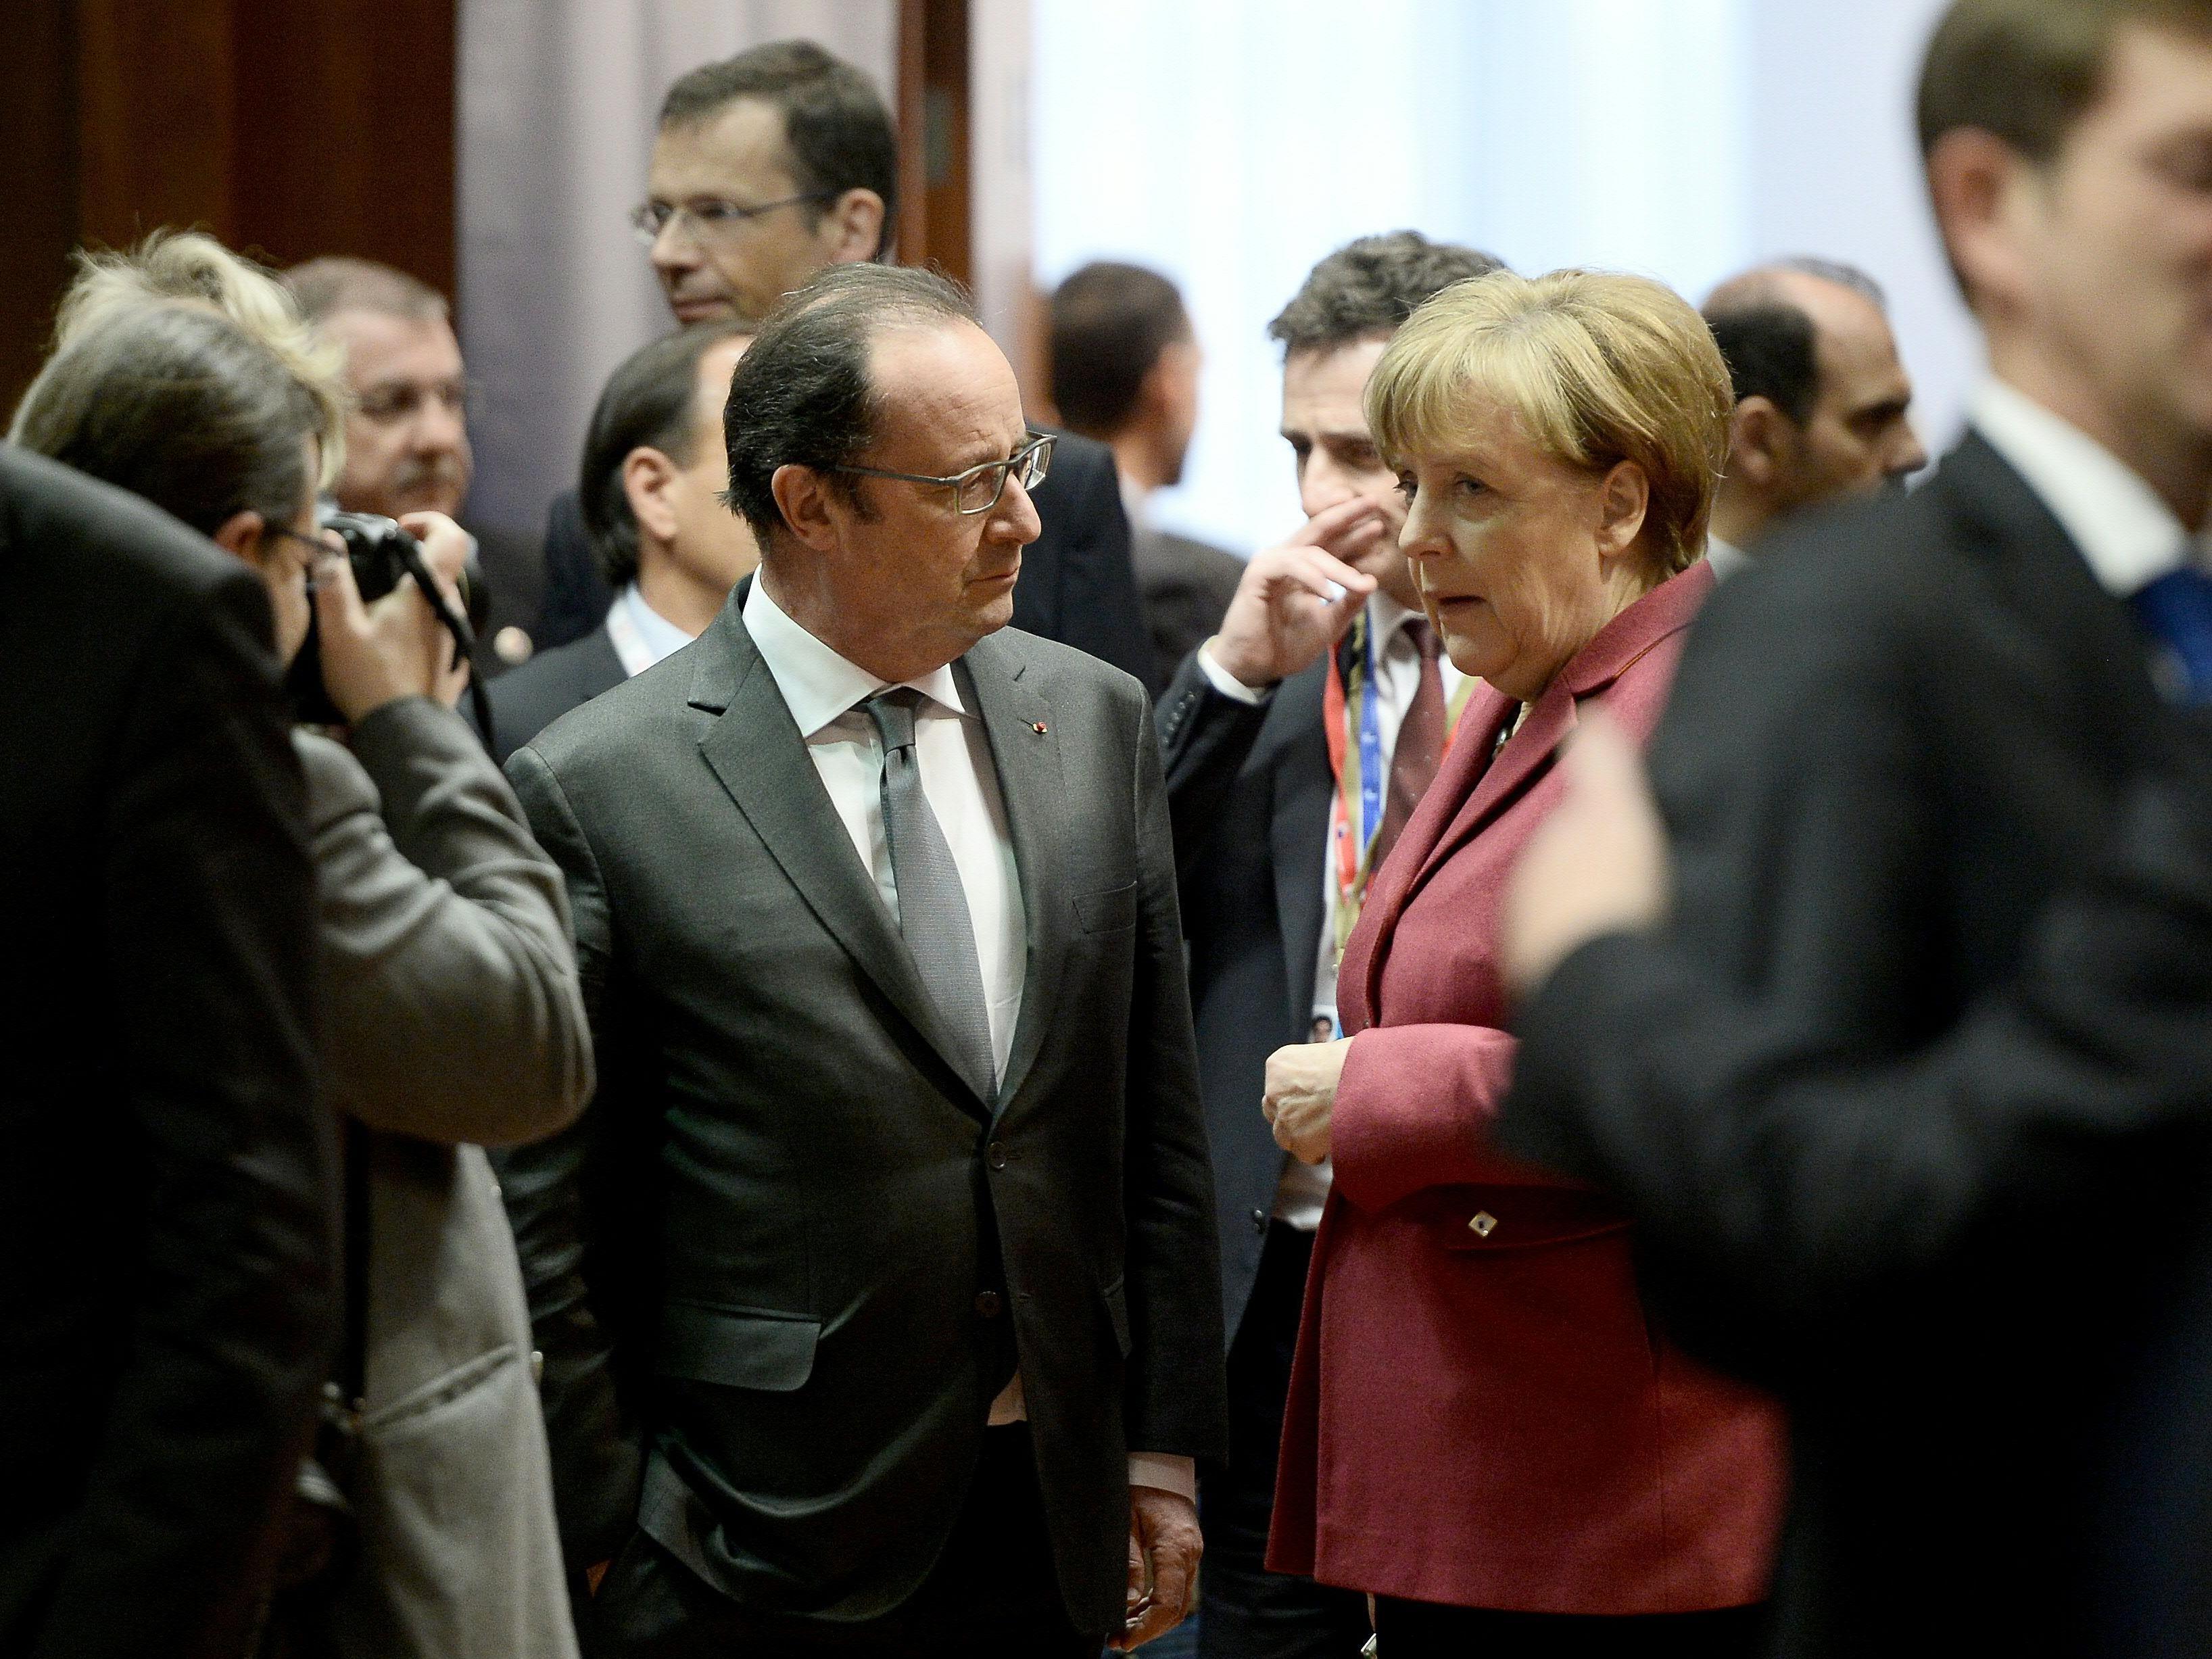 Angela Merkel (CDU) zeigte sich vorsichtig optimistisch, fügte aber hinzu, dass es noch viel zu regeln gebe.